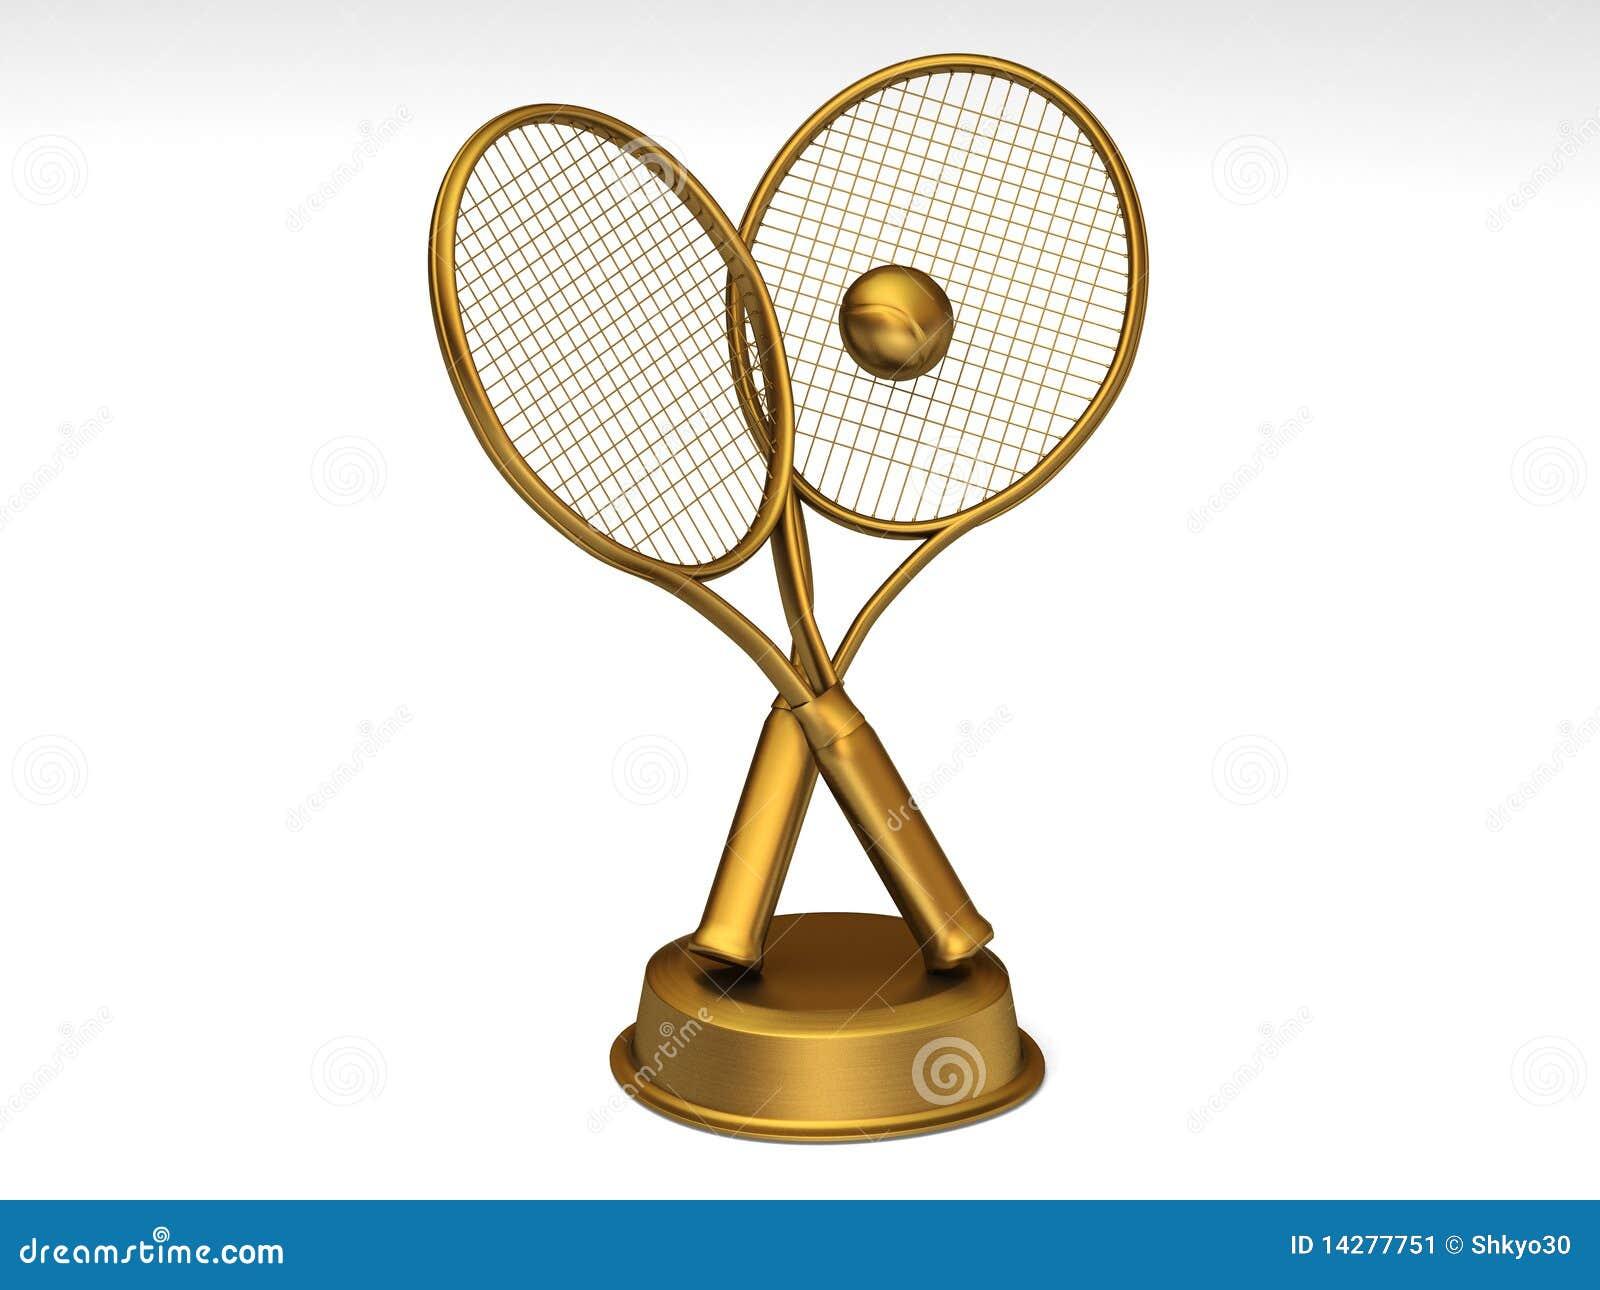 Golden Tennis Trophy Stock Image - Image: 14277751